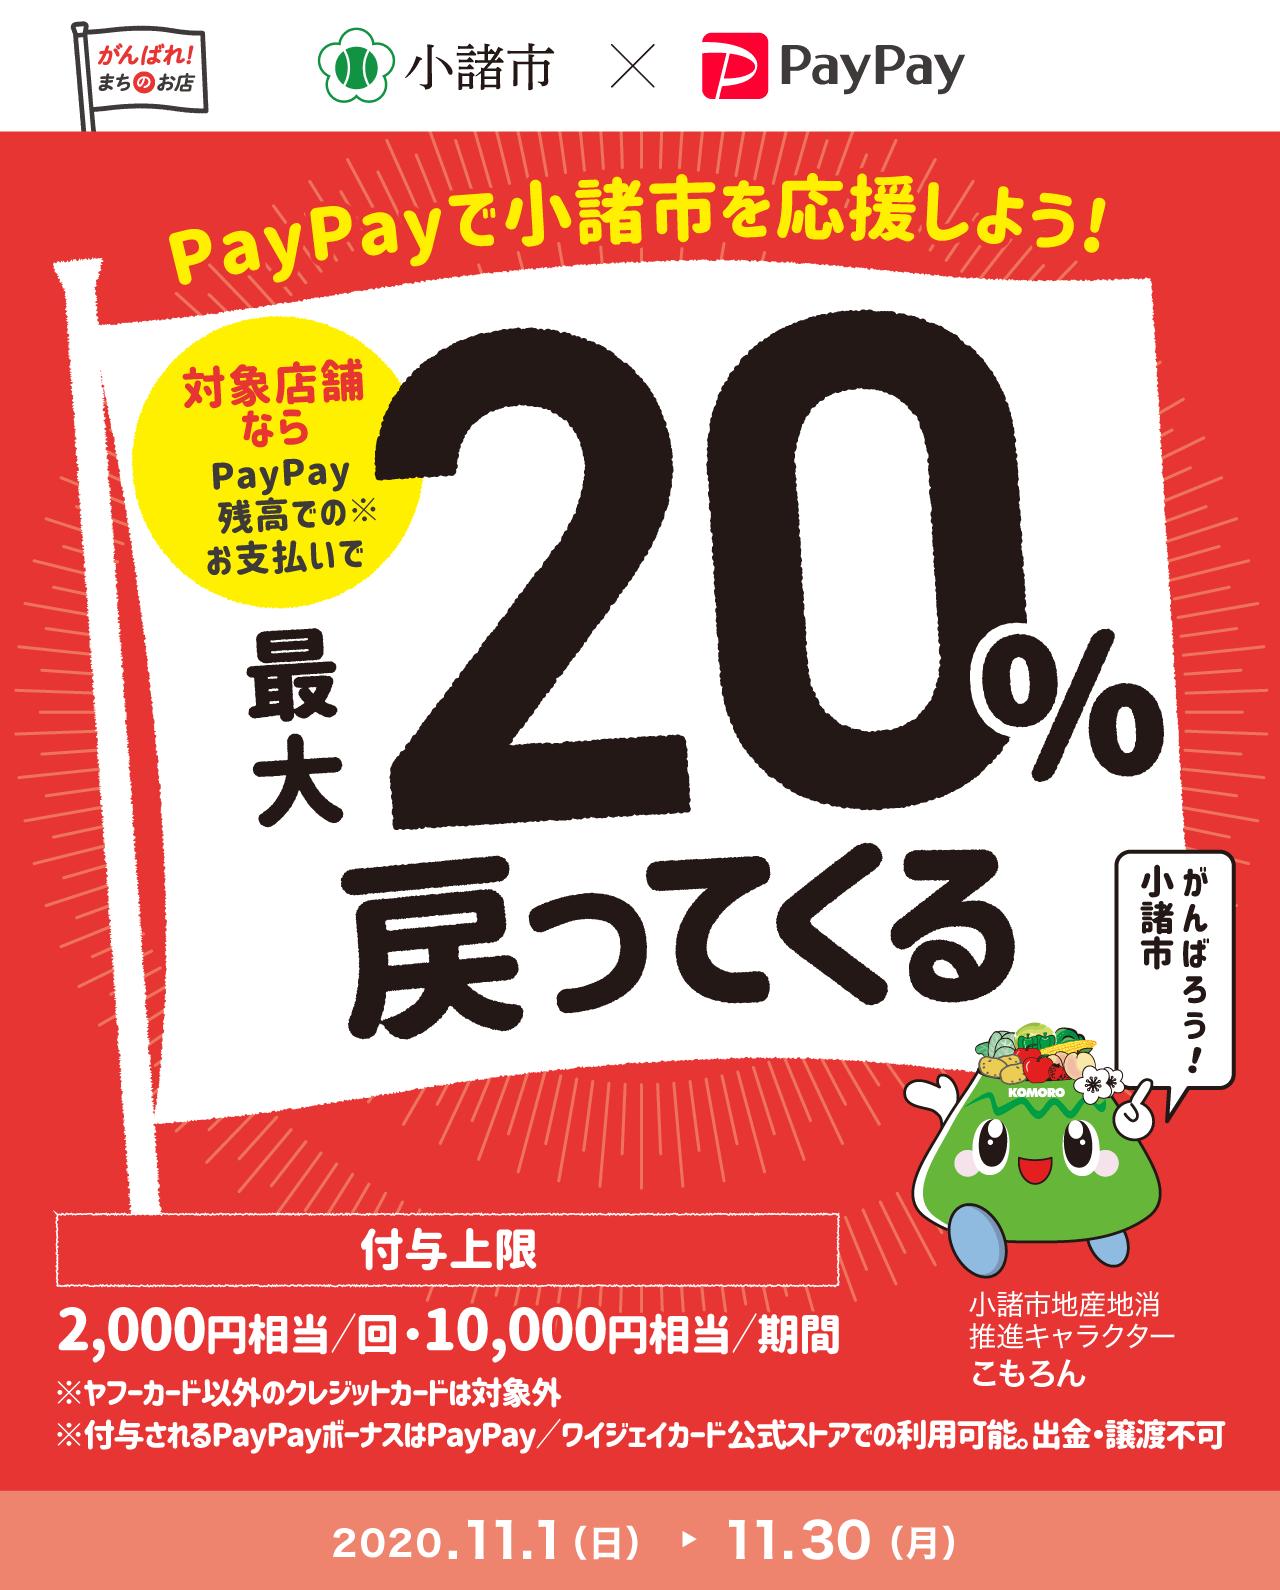 PayPayで小諸市を応援しよう! 対象店舗ならPayPay残高でのお支払いで 最大20%戻ってくる